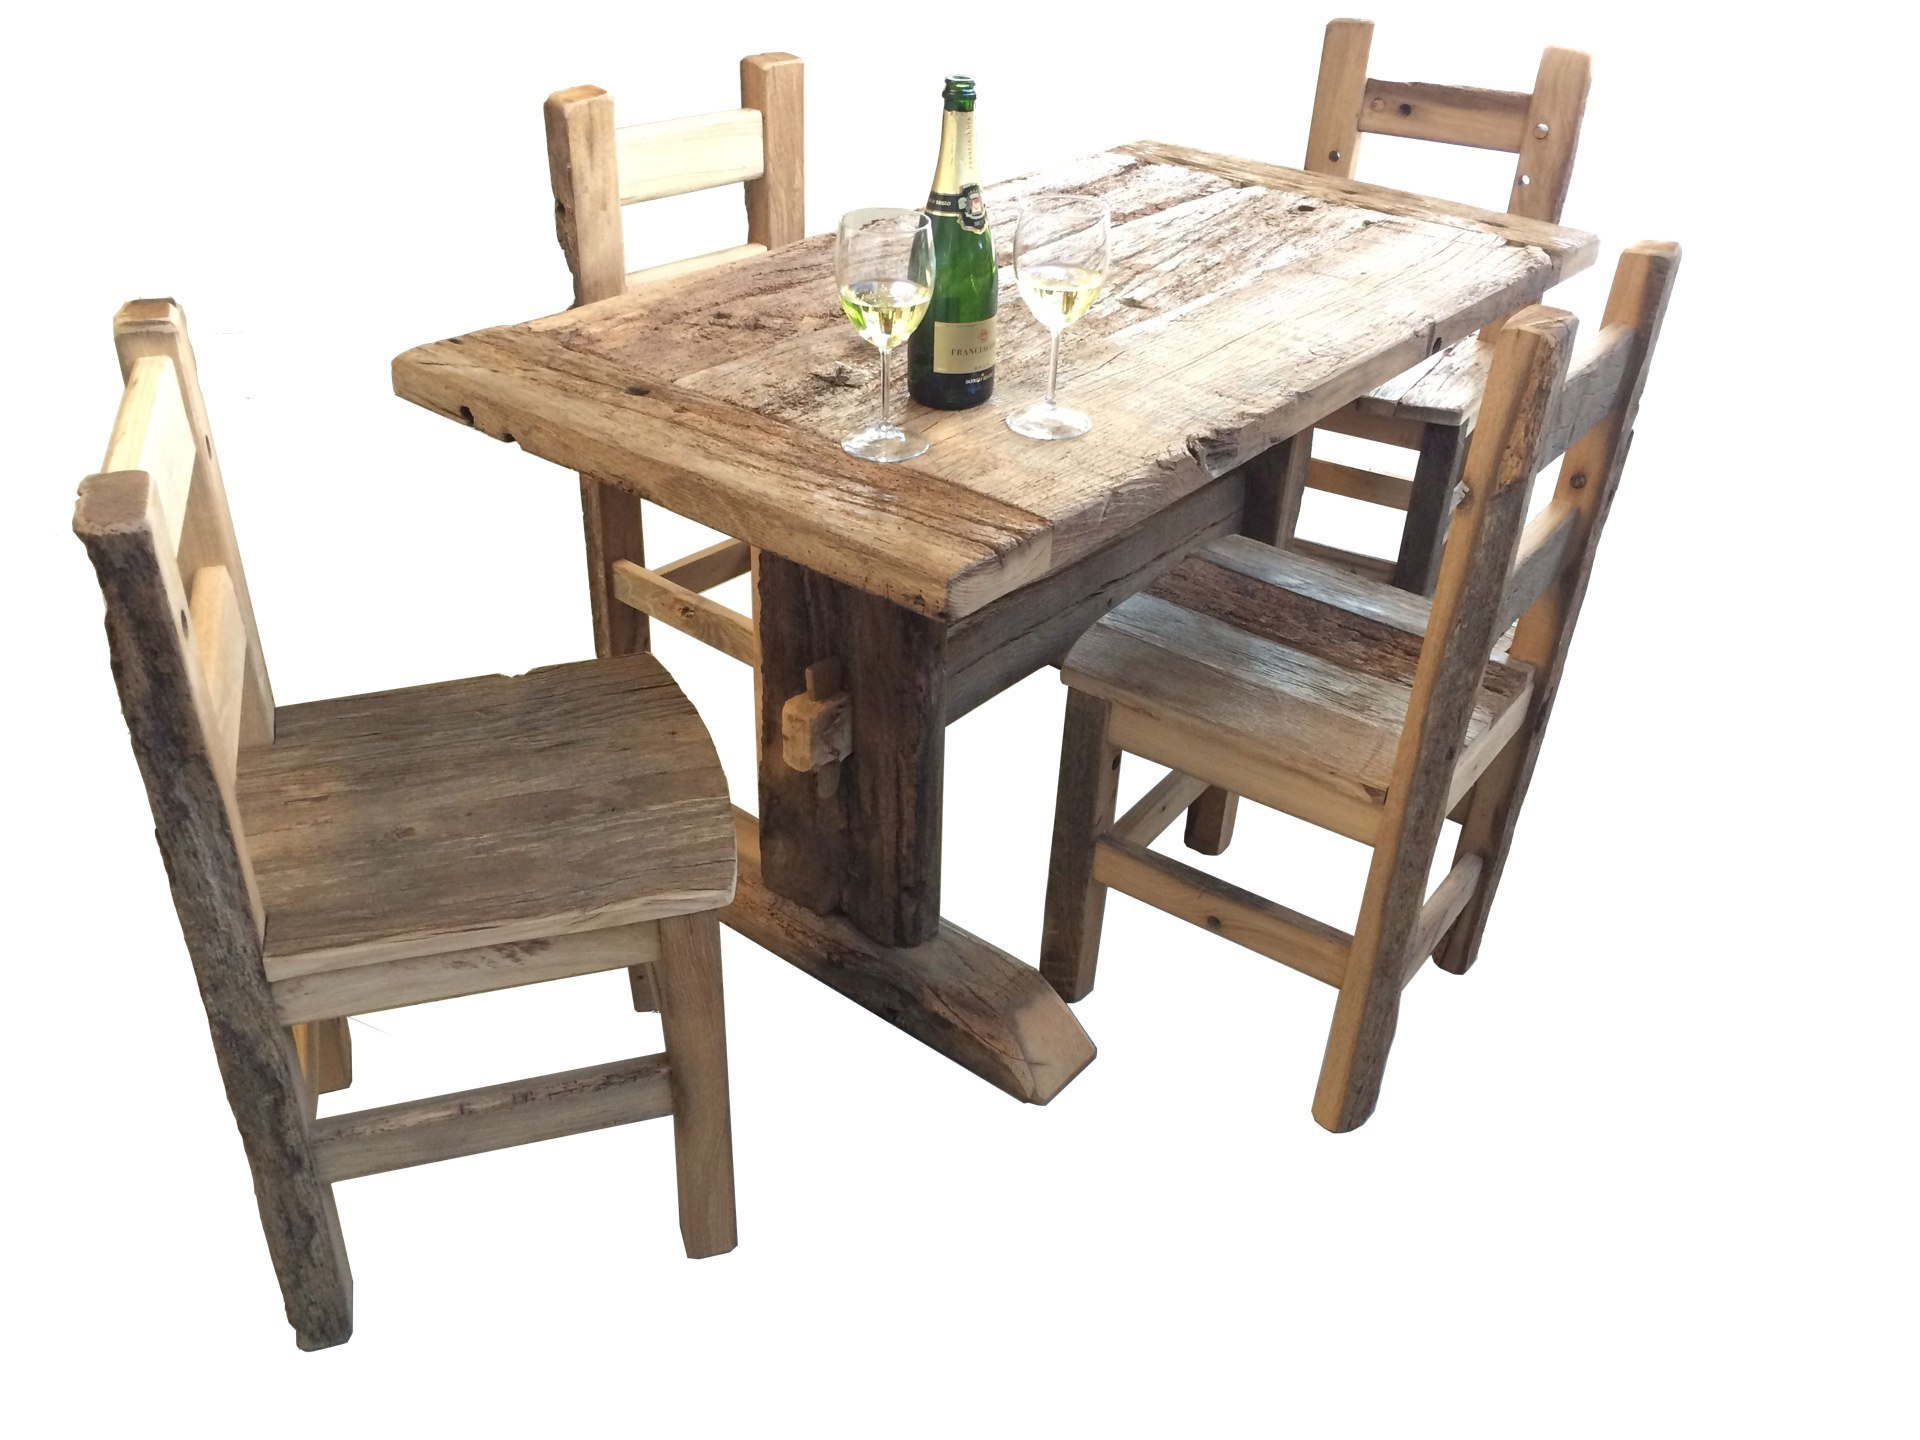 Tavoli sedie arredamenti porte finestre in legno antico vecchio ...